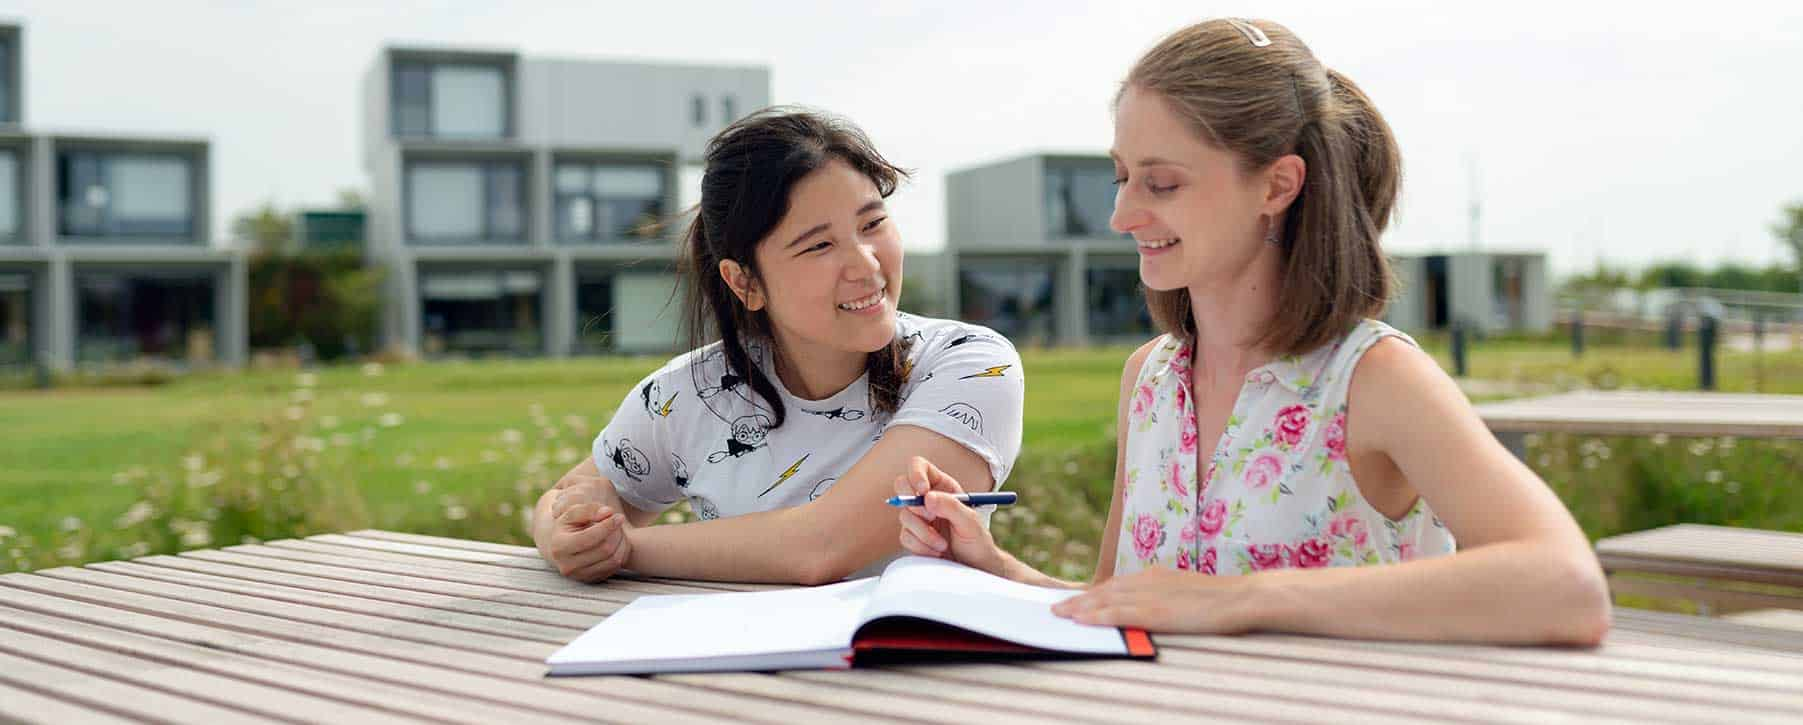 Online Jobs for Teens - Tutor